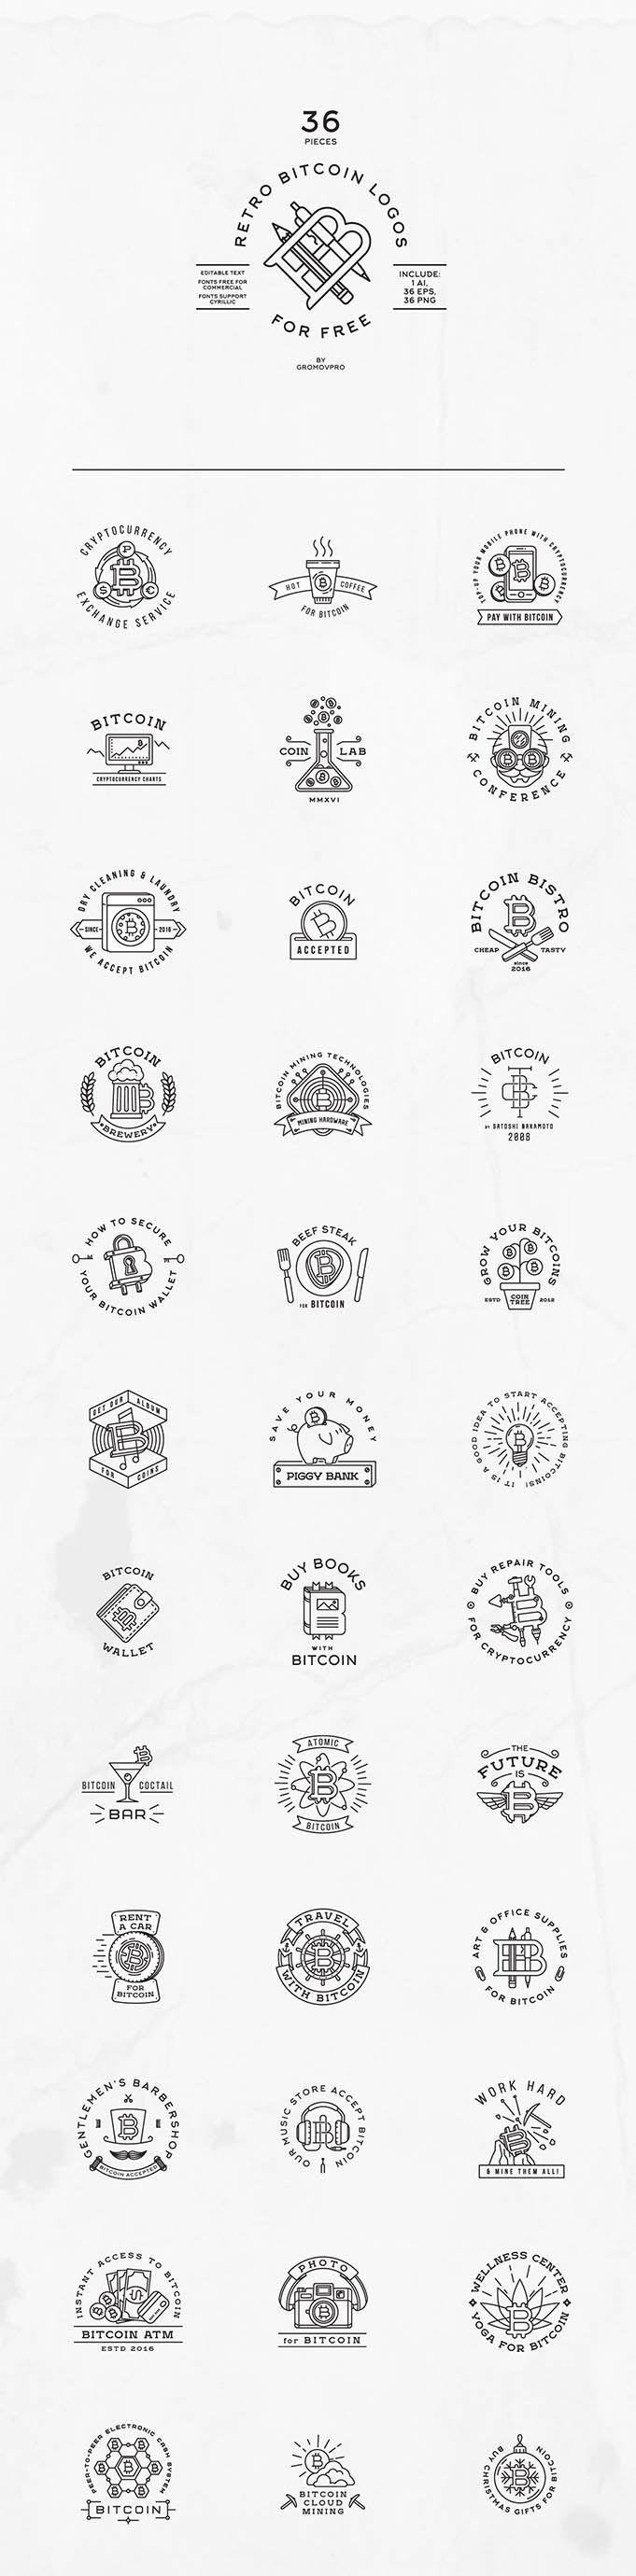 The Fancy Deal » 36 Retro Bitcoin Logos (FREE TEMPLATES)